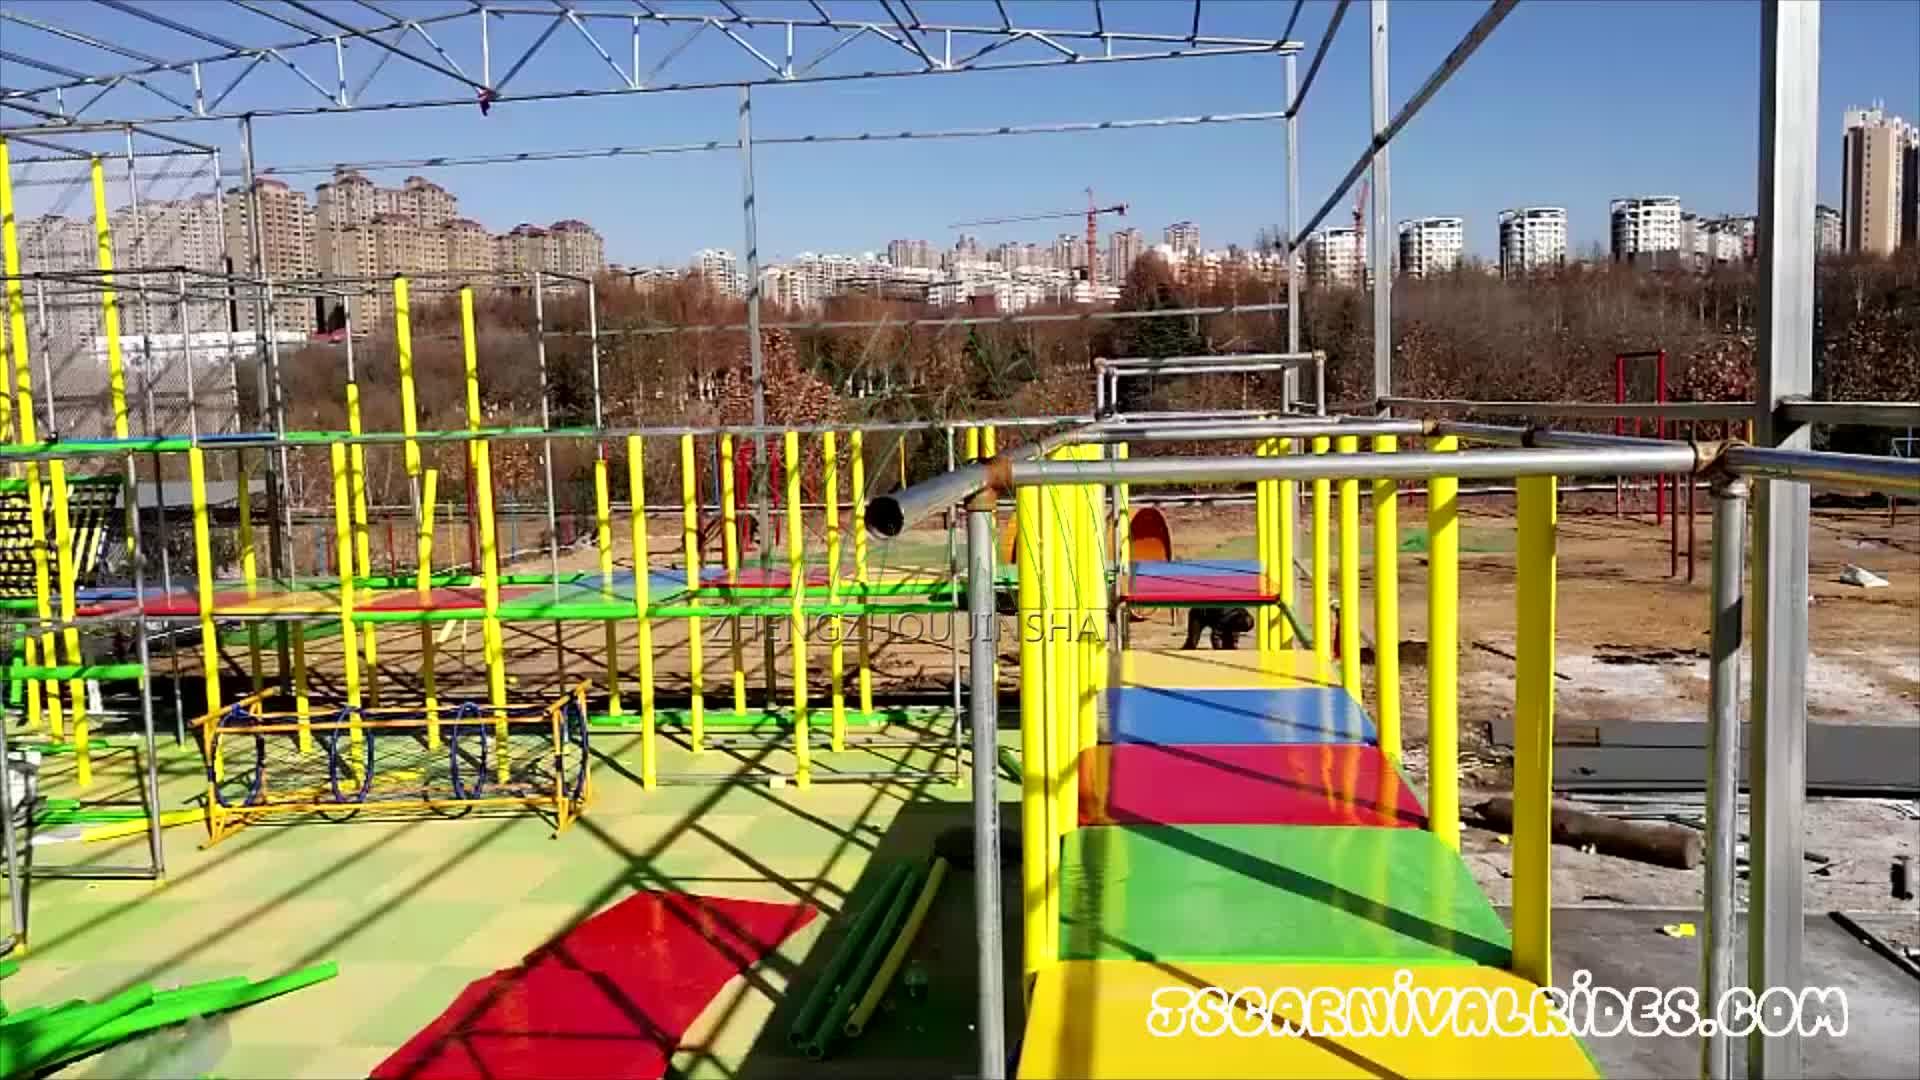 Kleuterschool entertainment spel zachte bal spelen zwembad voor kinderen